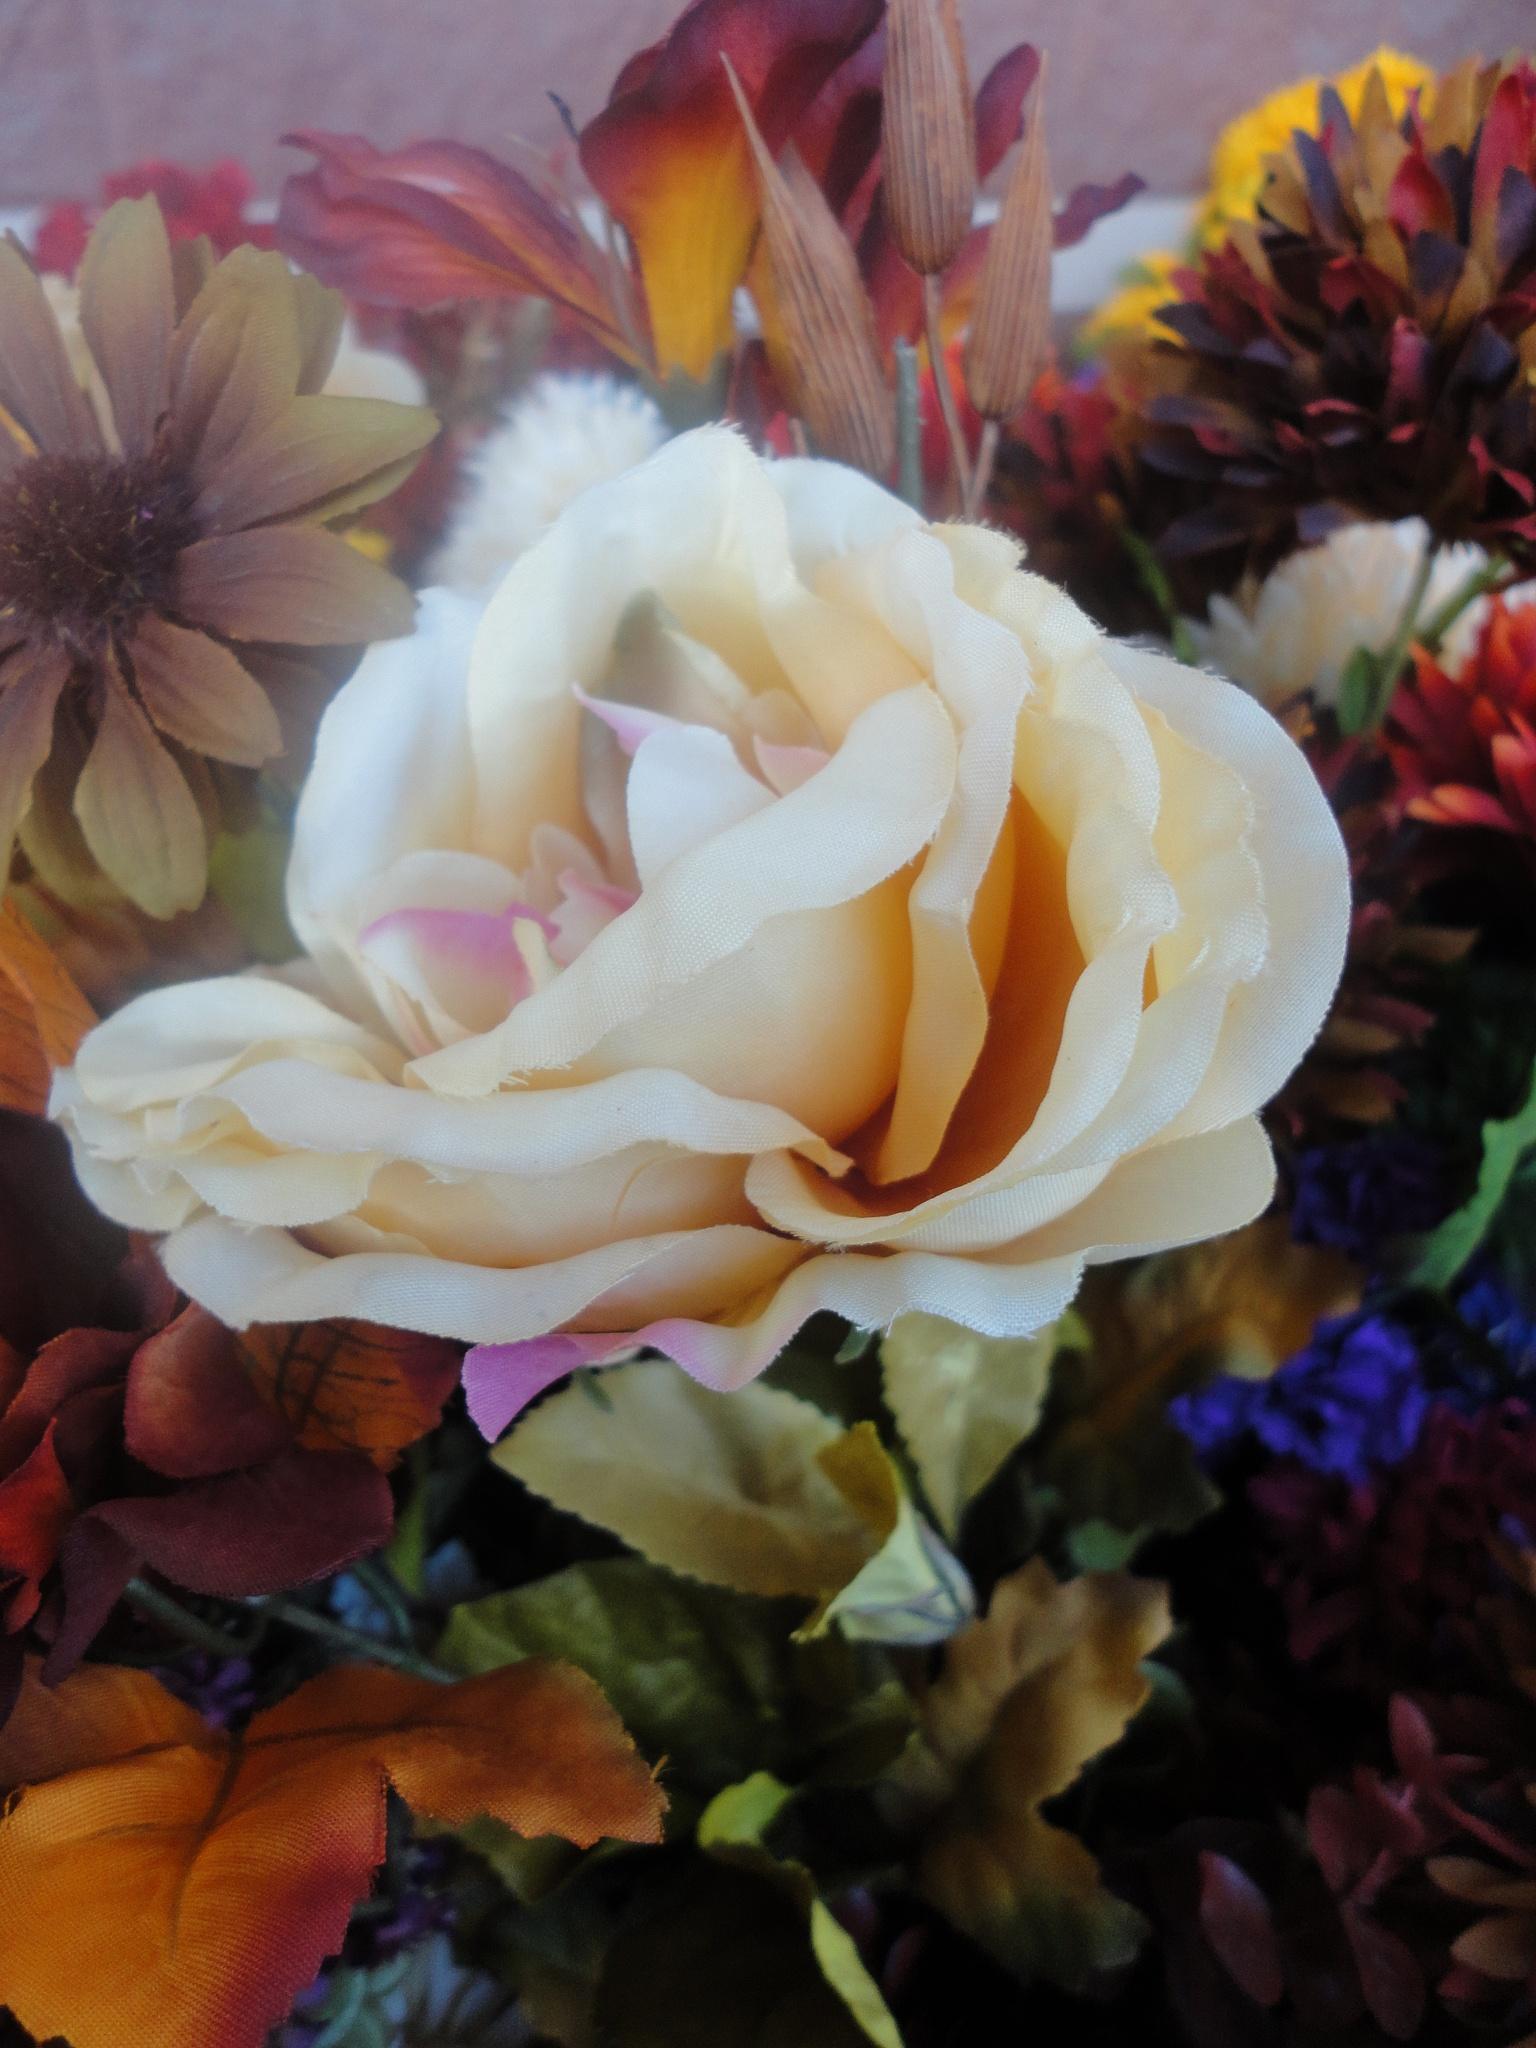 Imitation Rose by nancy.mitchell3